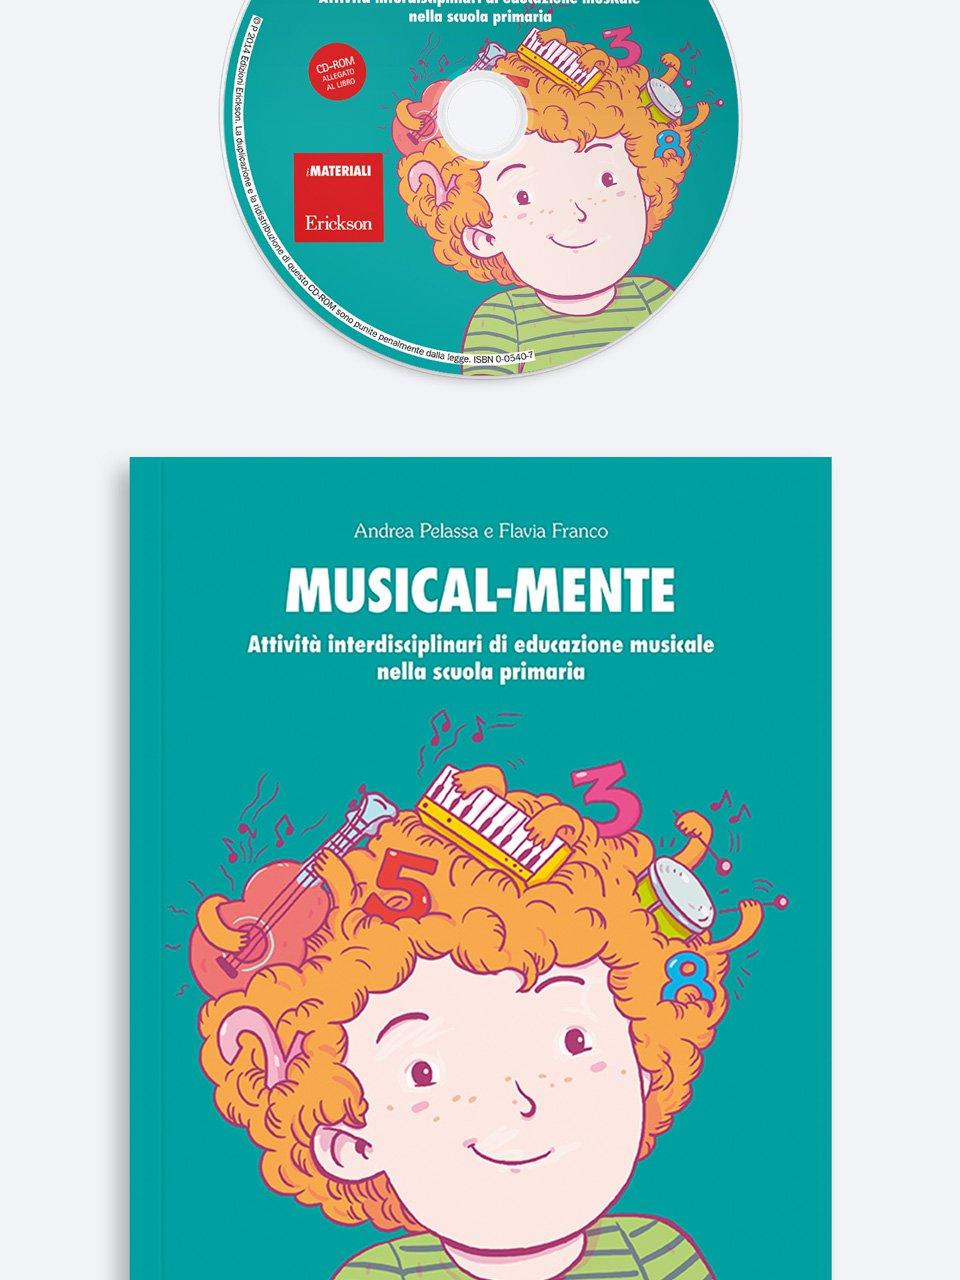 Musical-mente - Musicalità e pratiche inclusive - Libri - Erickson